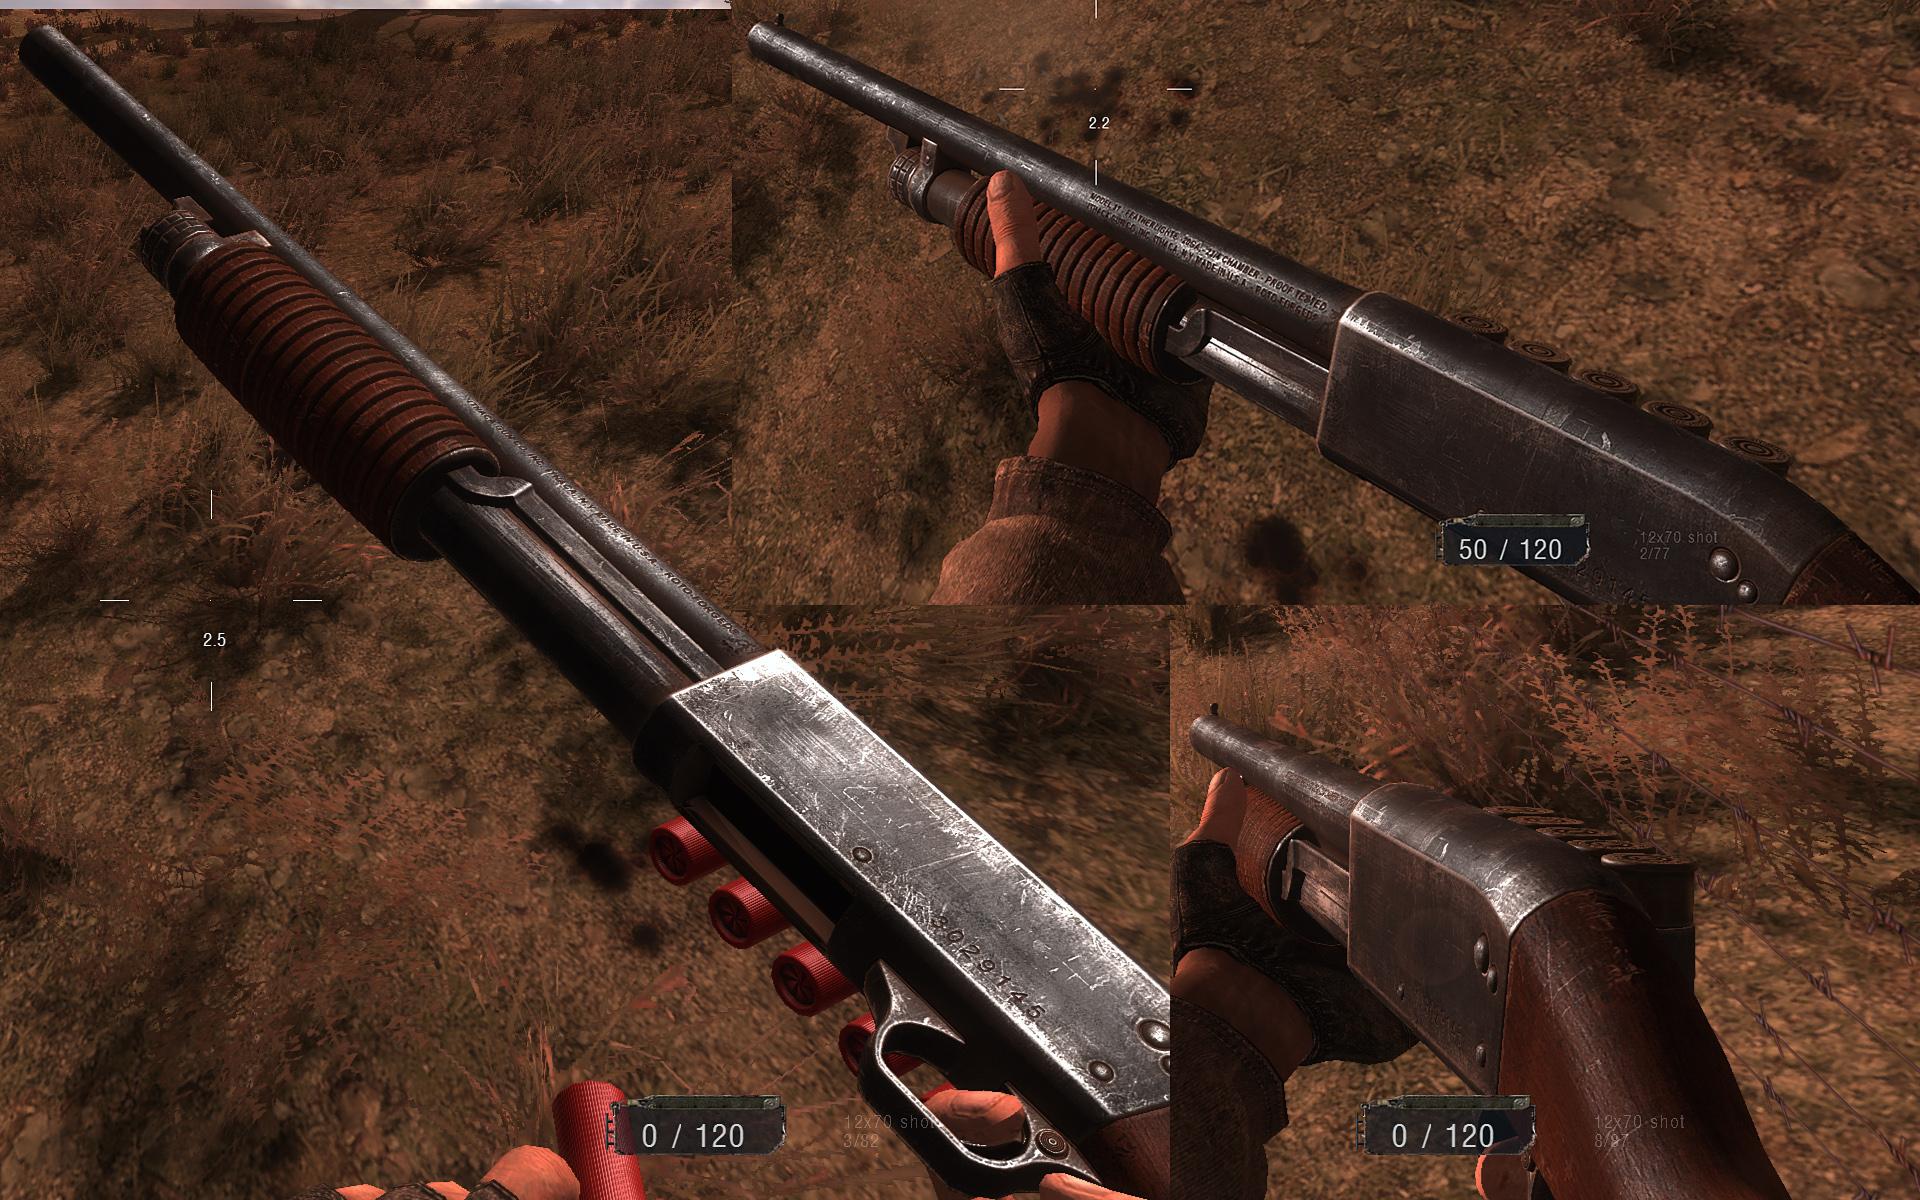 Stalker gunslinger mod скачать бесплатно - 93bdc